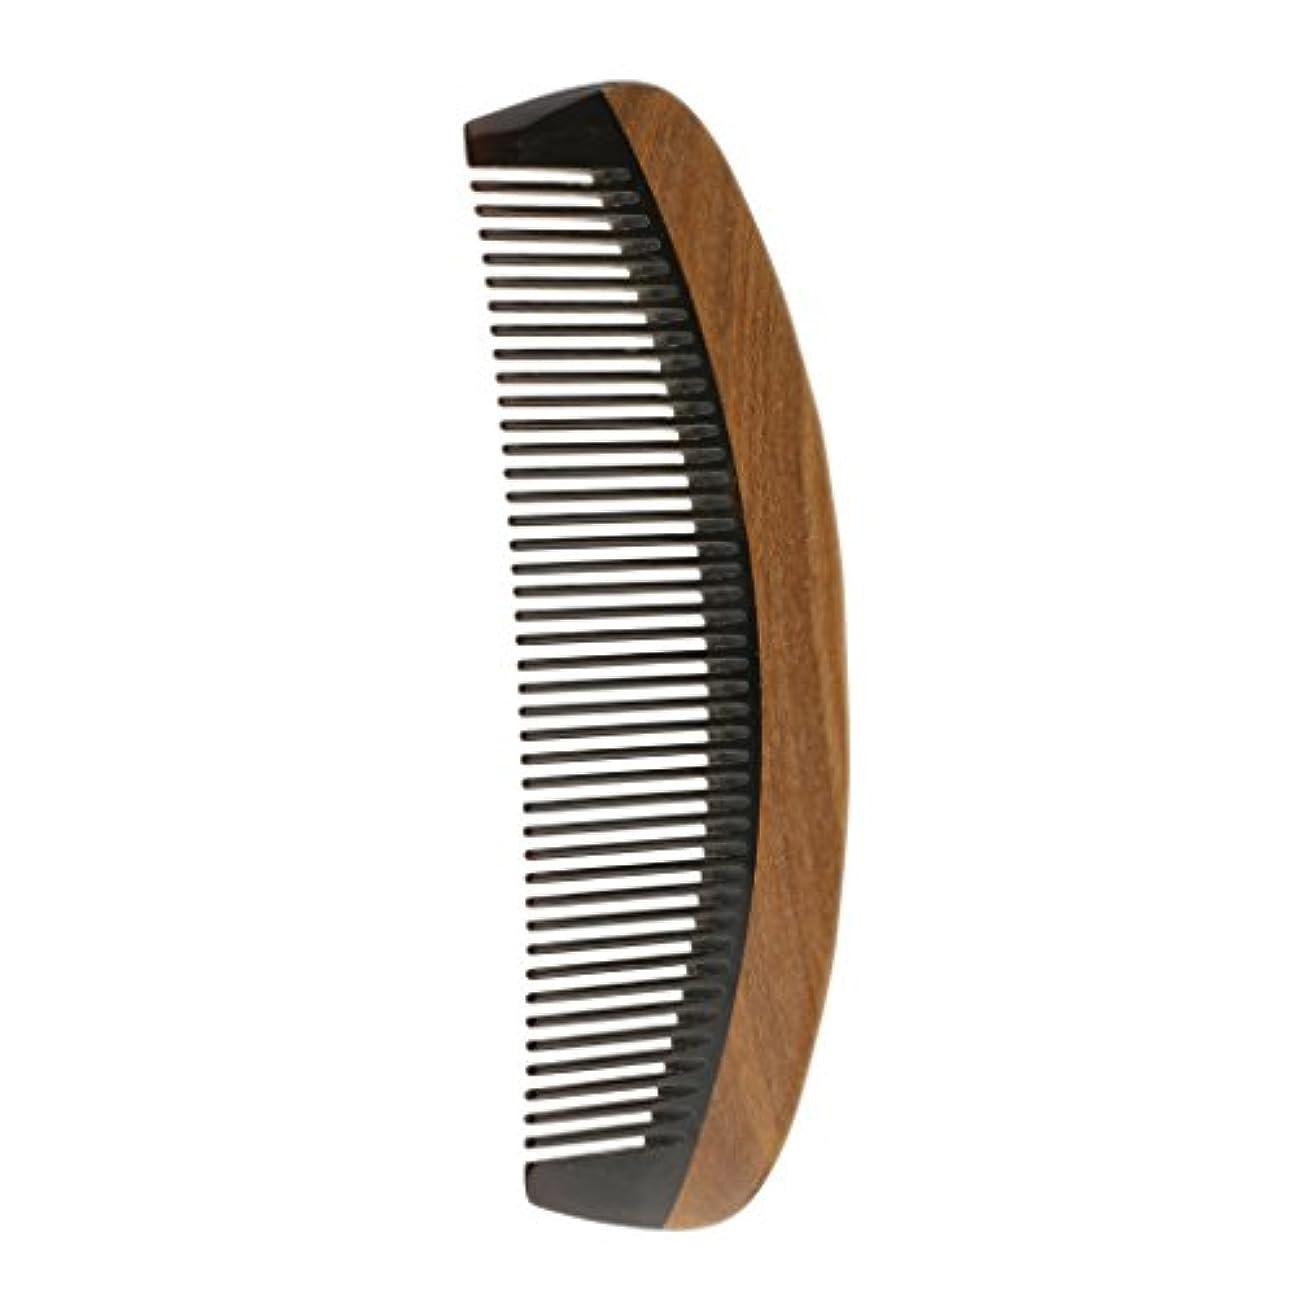 の慈悲で分配します注釈を付けるBaosity ウッドコーム 木製 ハンドメイド 櫛 静電気防止 高品質 マッサージ